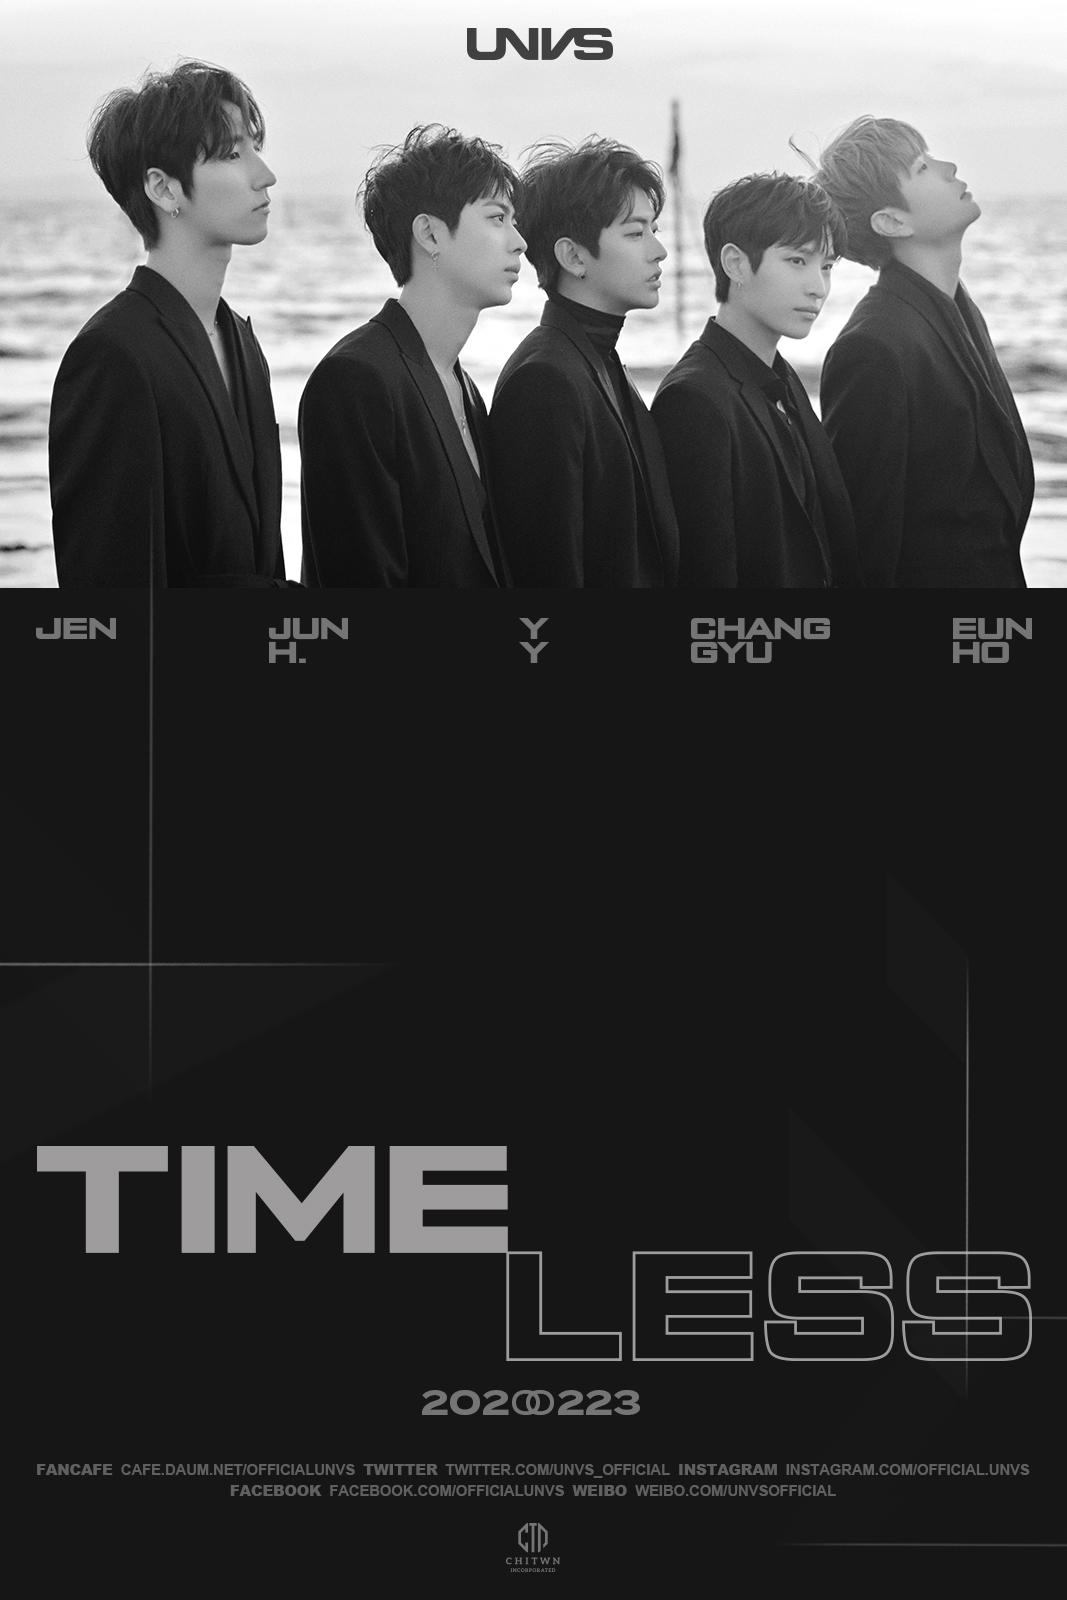 23일(일), 🌟UNVS🌟 데뷔 싱글 'Timeless' 발매 | 인스티즈